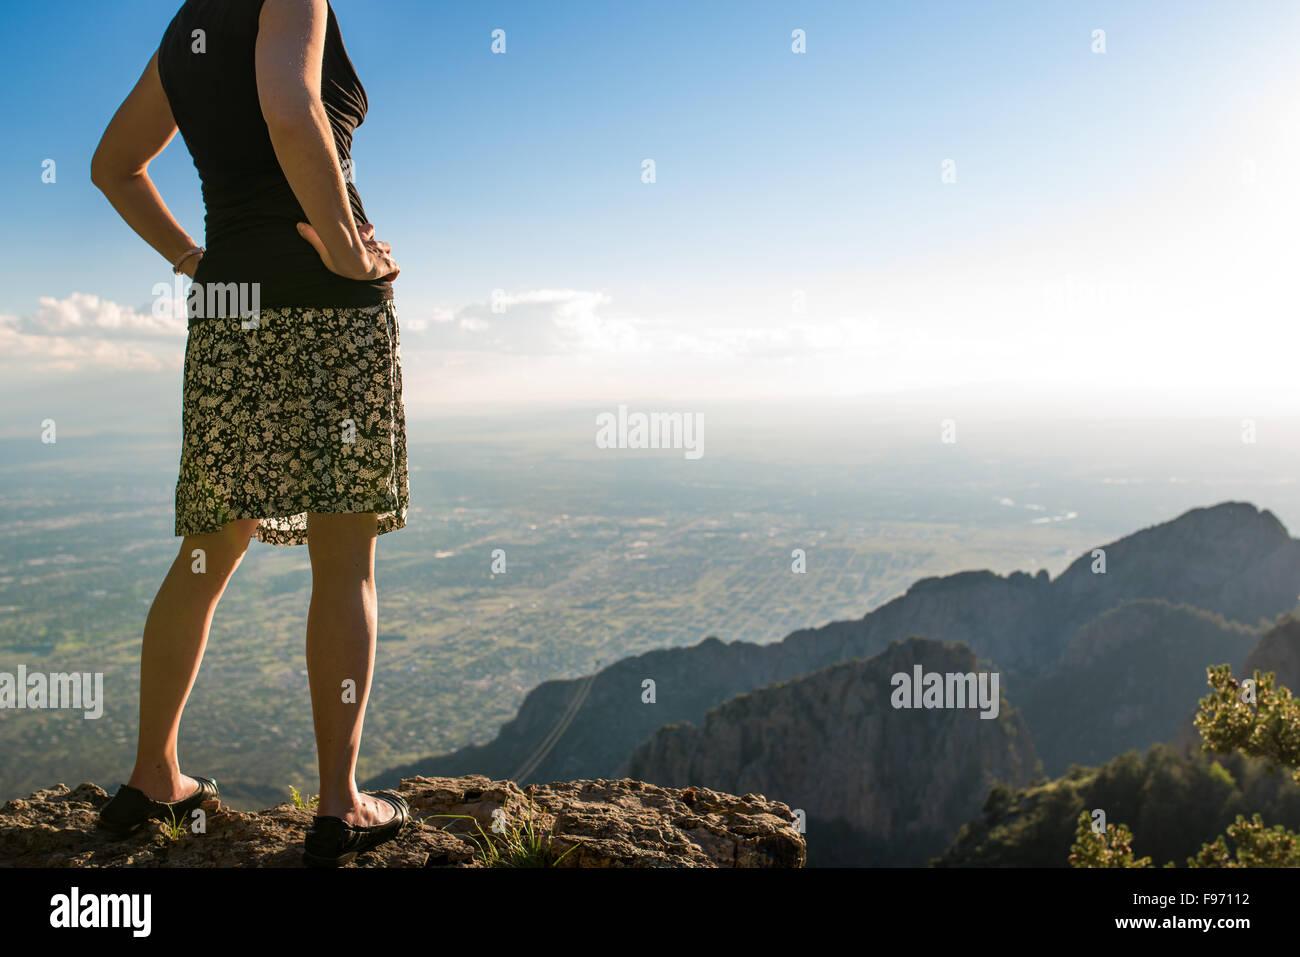 Randonnées et belvédère de Sandia Peak, Albuquerque, Nouveau Mexique. Photo Stock